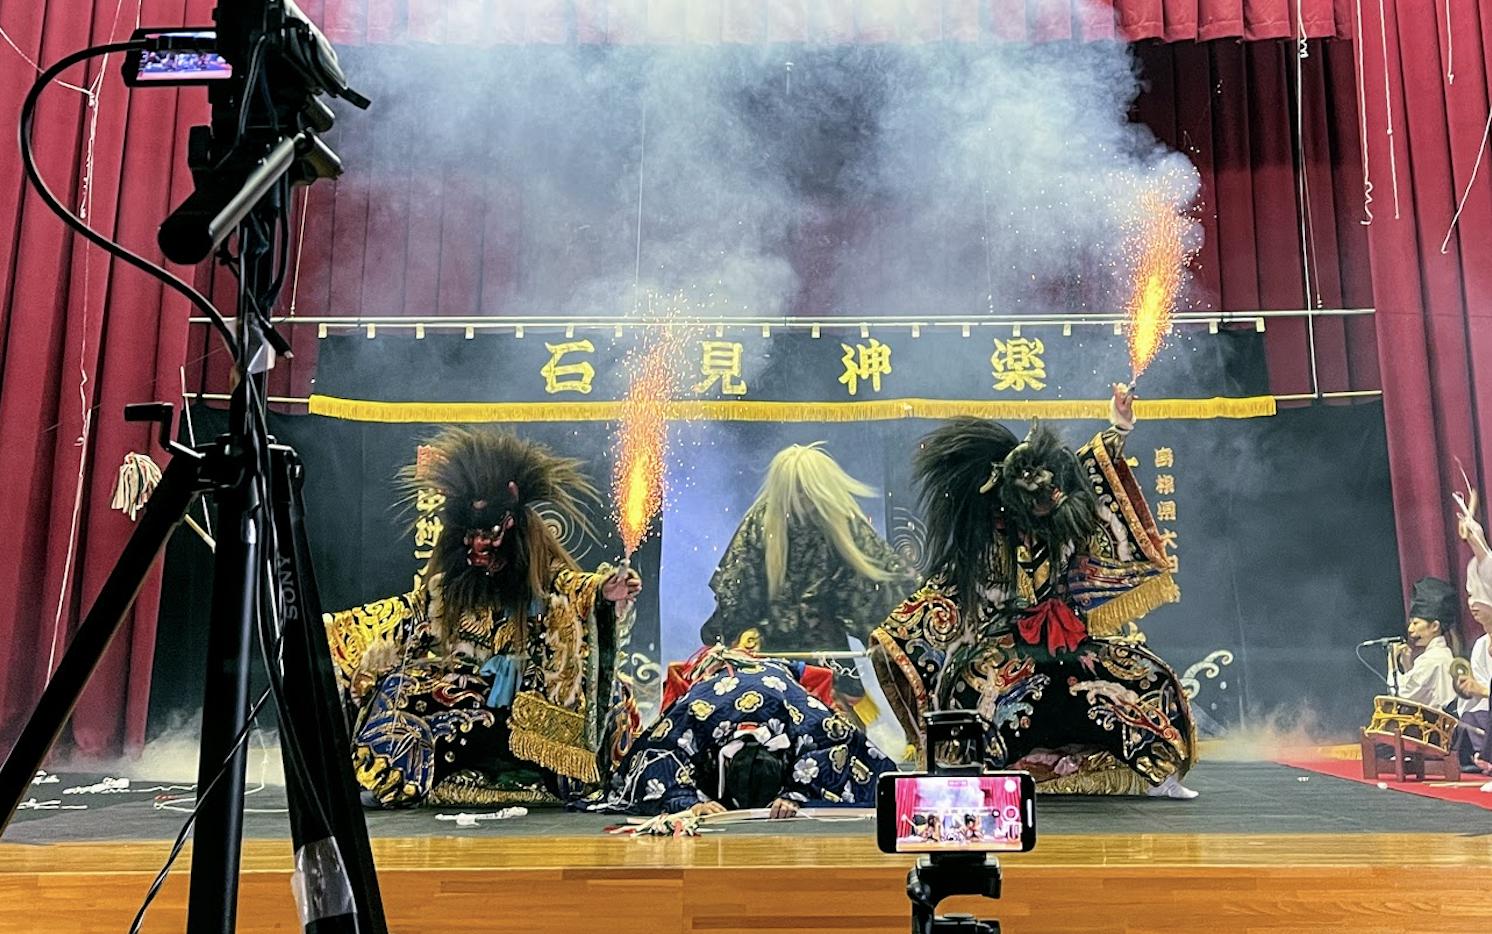 第3回オンライン石見銀山神楽配信 大屋神楽社中 上演しました!